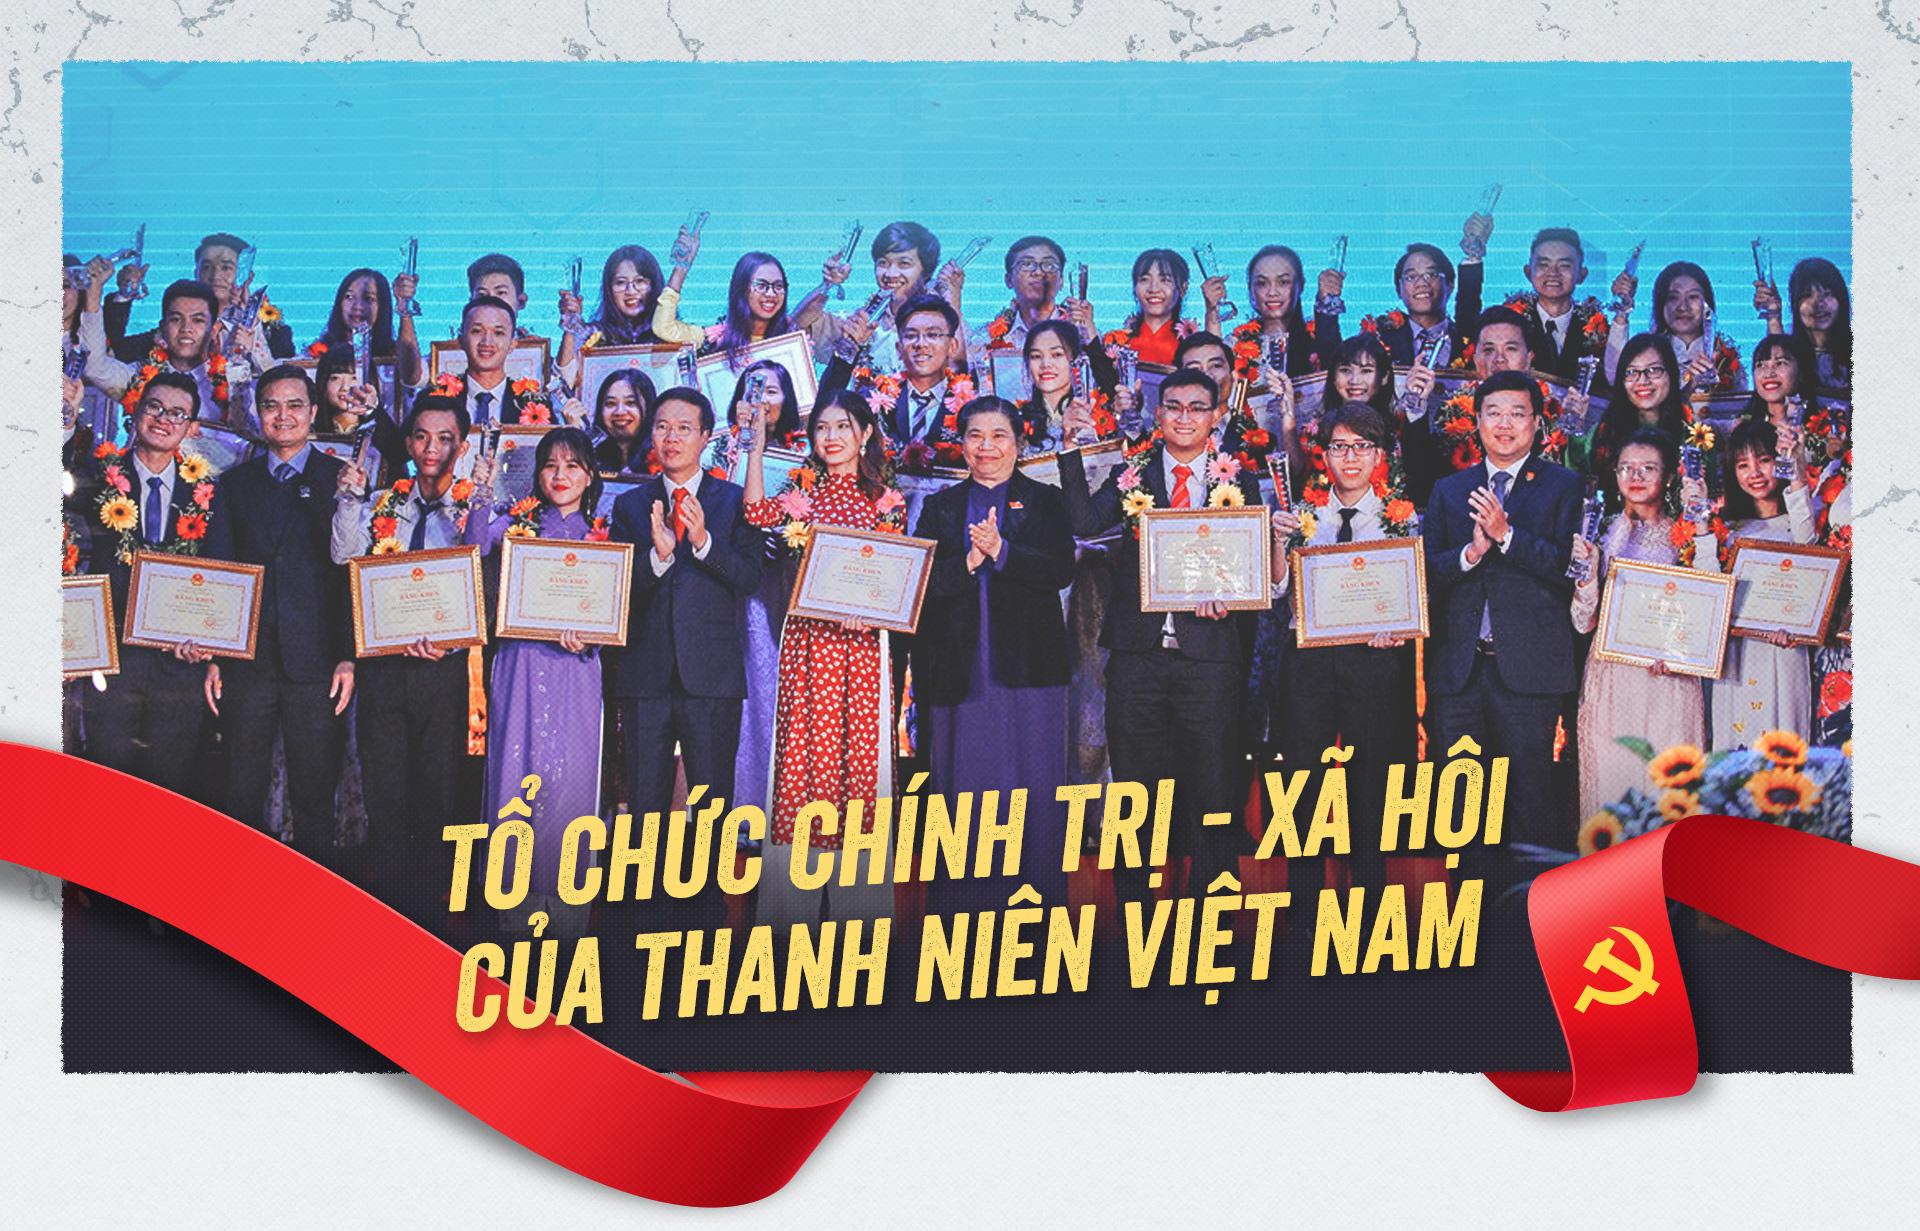 Tổ chức chính trị - xã hội của thanh niên Việt Nam